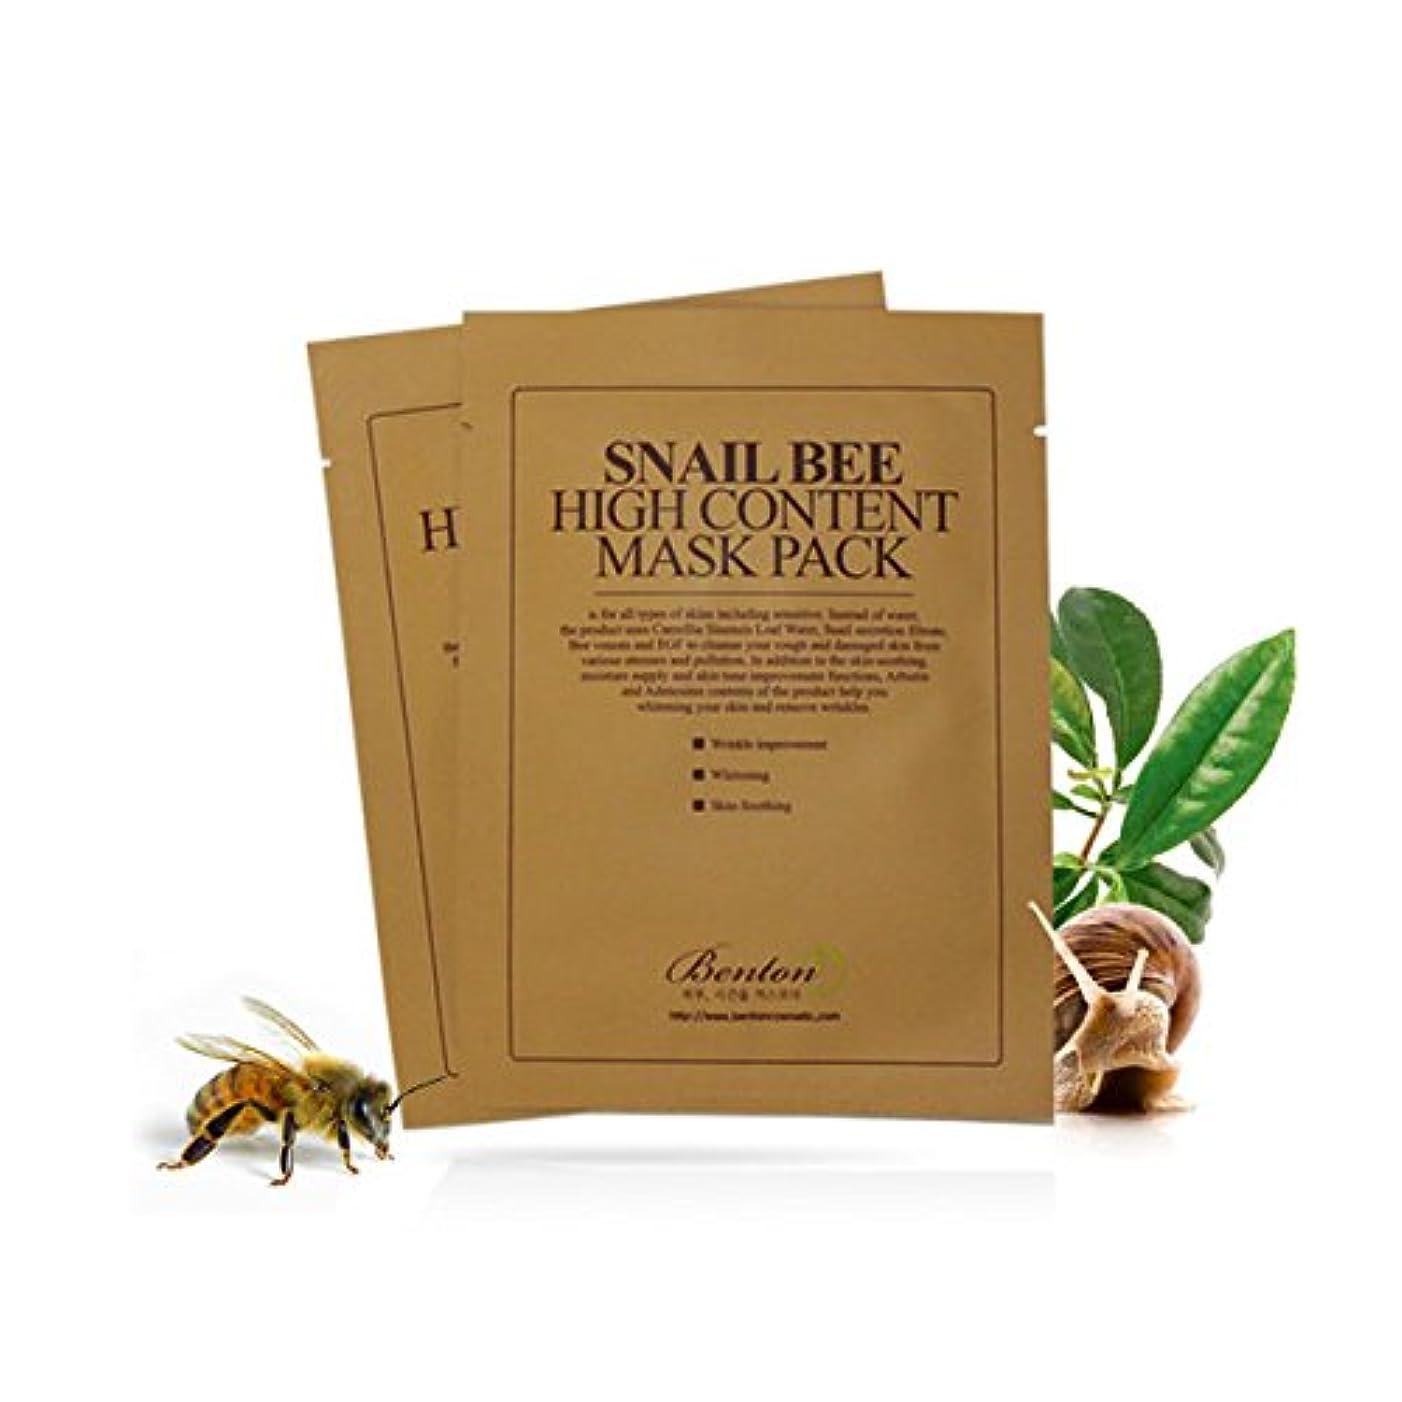 誤って脆いノミネート[ベントン] BENTON カタツムリ蜂の高いコンテンツ?マスクパック Snail Bee High Content Mask Pack Sheet 10 Pcs [並行輸入品]